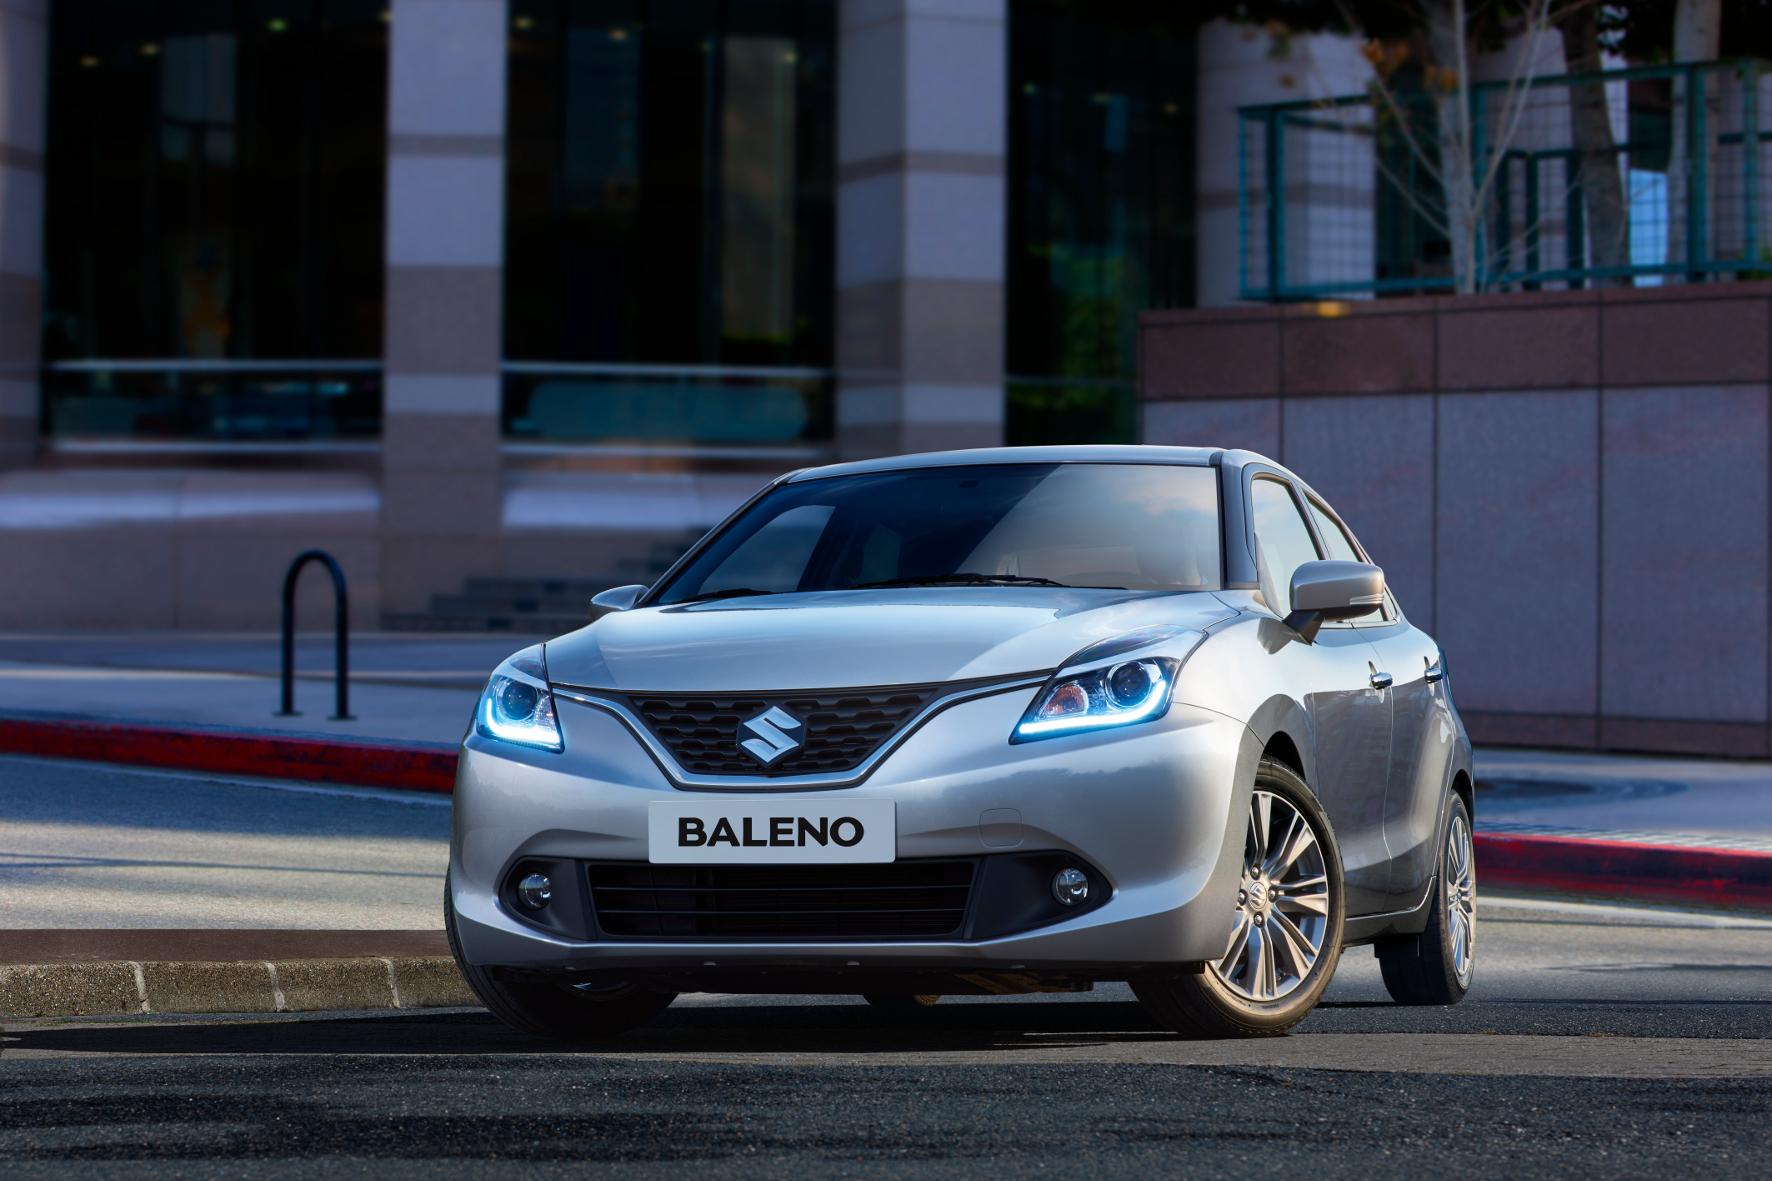 mid Groß-Gerau - Ein neuer Dreizylinder-Turbo und ein Mild-Hybrid-System sind technische Begleiter des neuen Suzuki Baleno.